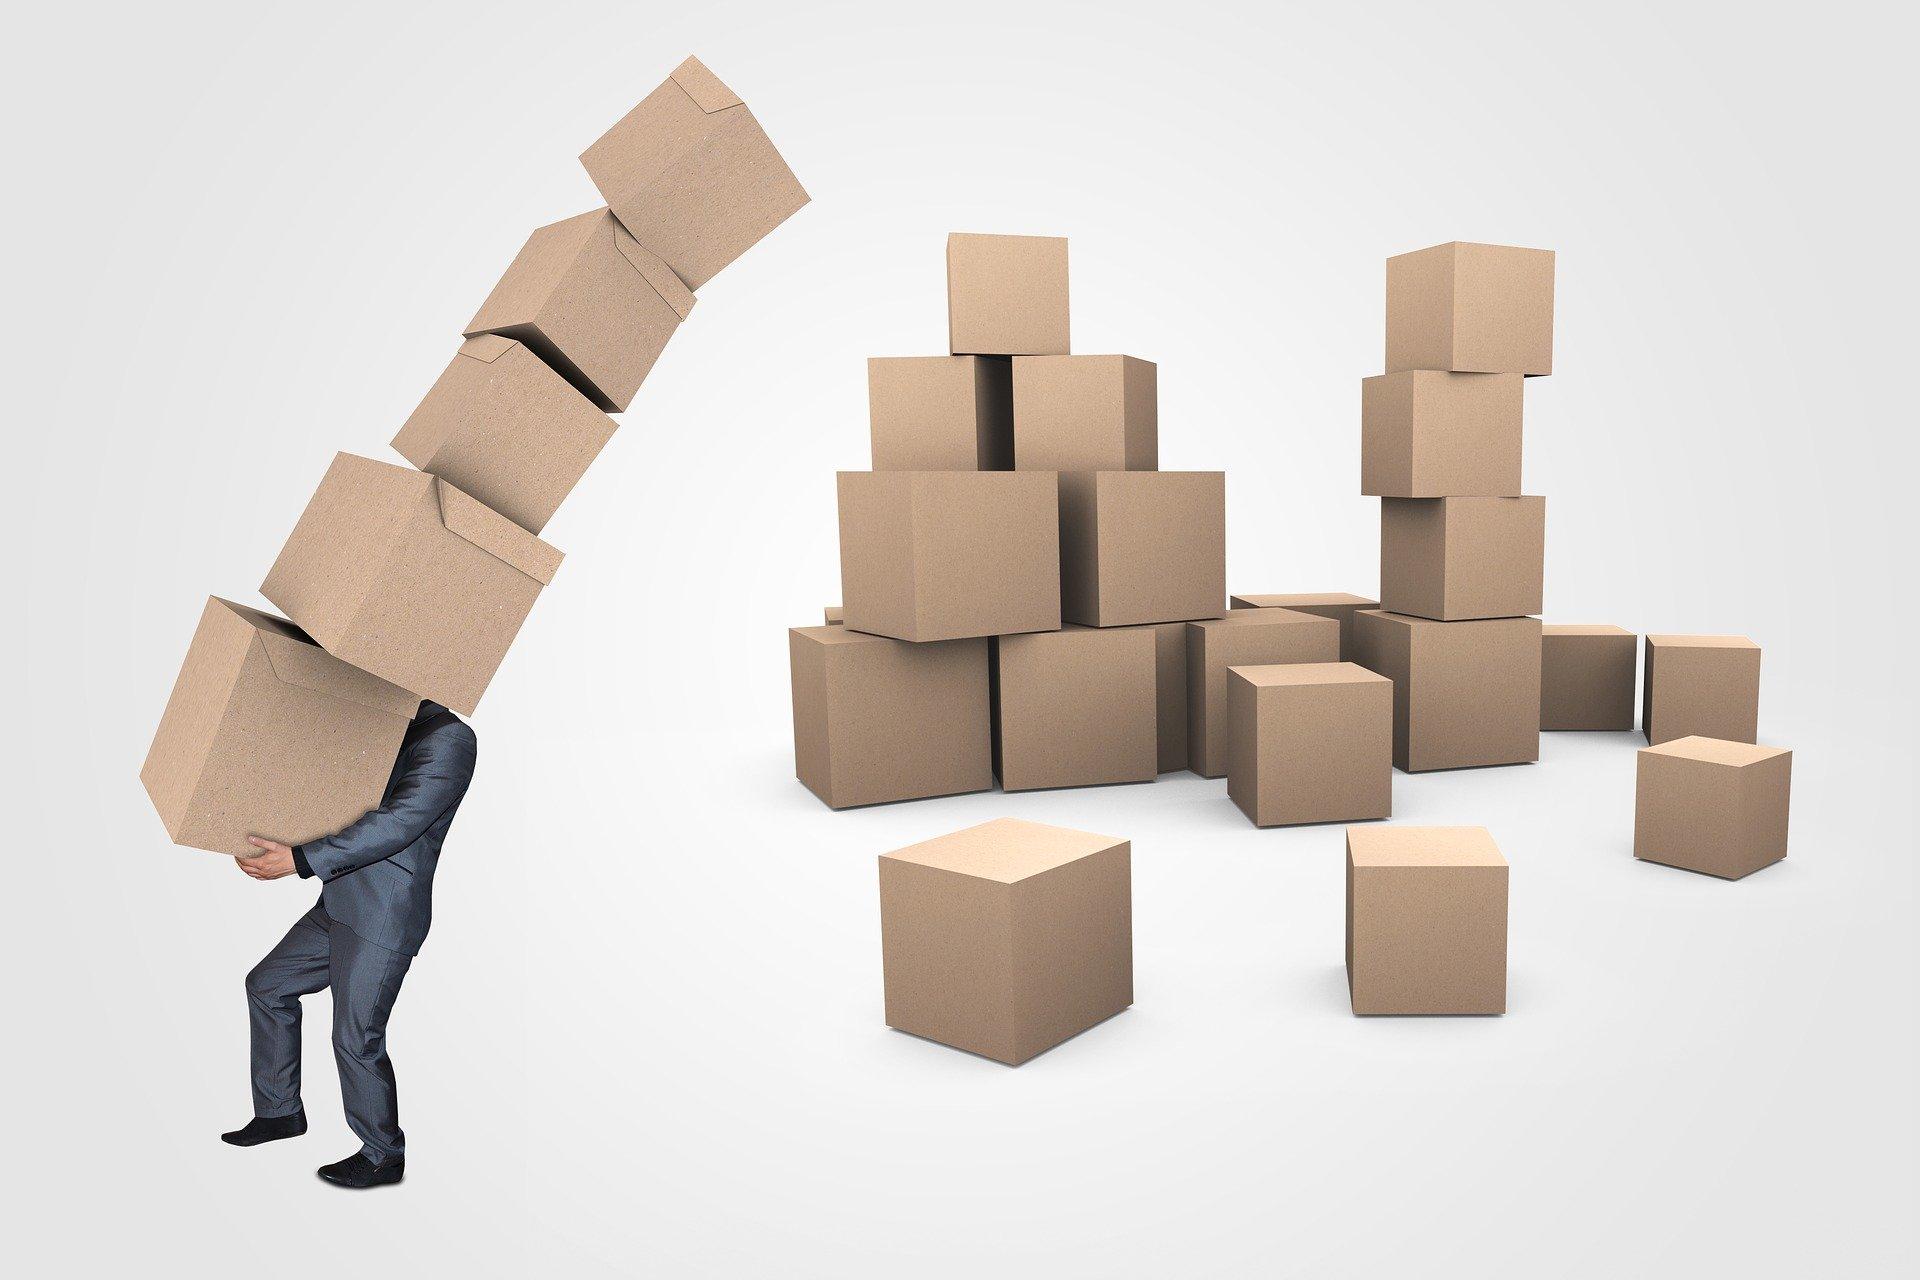 L'insuffisance de résultats peut-elle justifier un licenciement pour insuffisance professionnelle ?